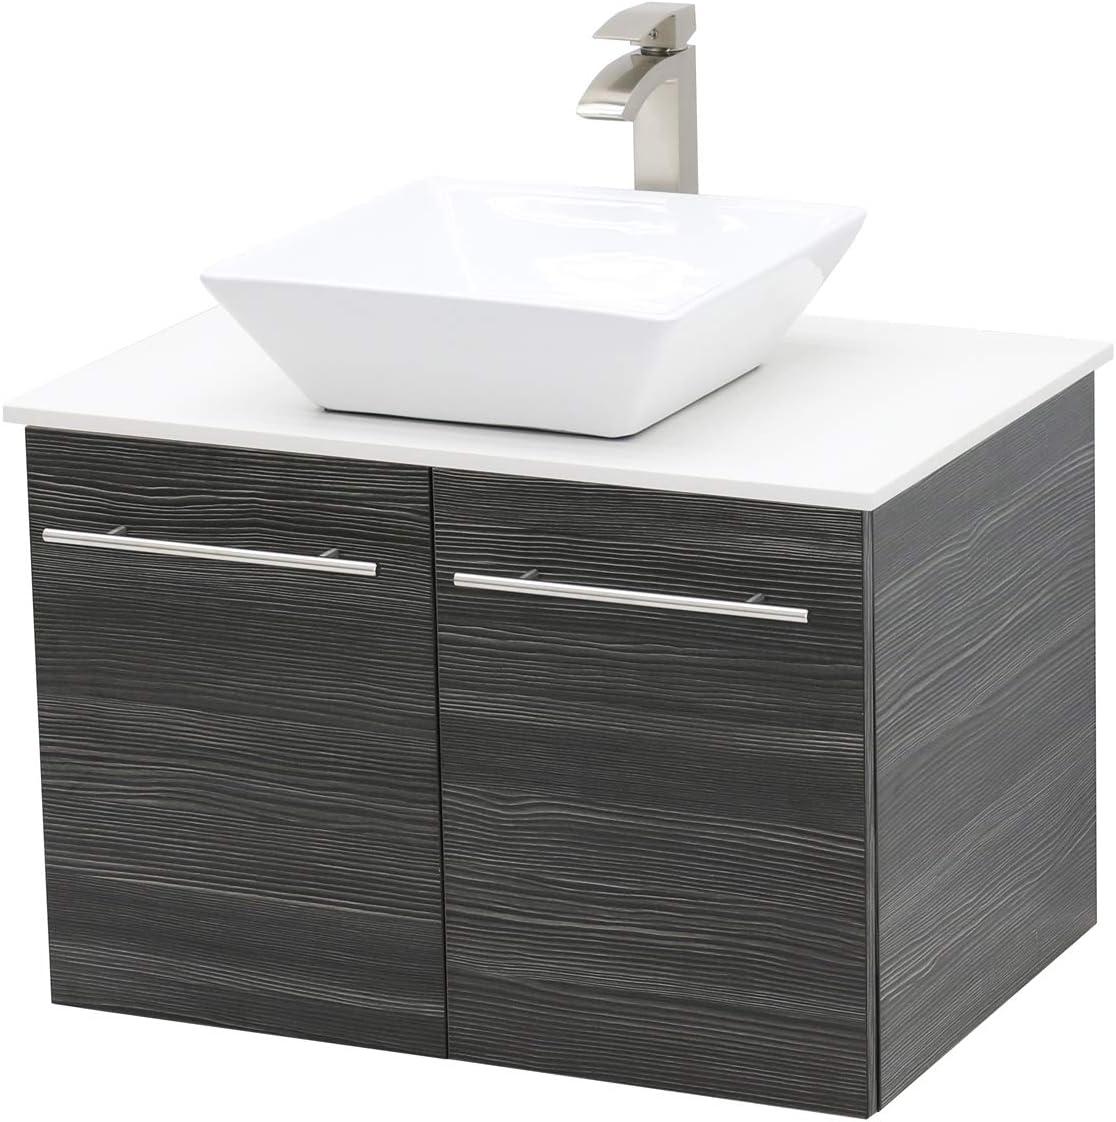 WindBay Wall Mount Floating Bathroom Vanity Sink Set. Dark Grey Vanity, White Flat Stone Countertop Ceramic Sink – 30